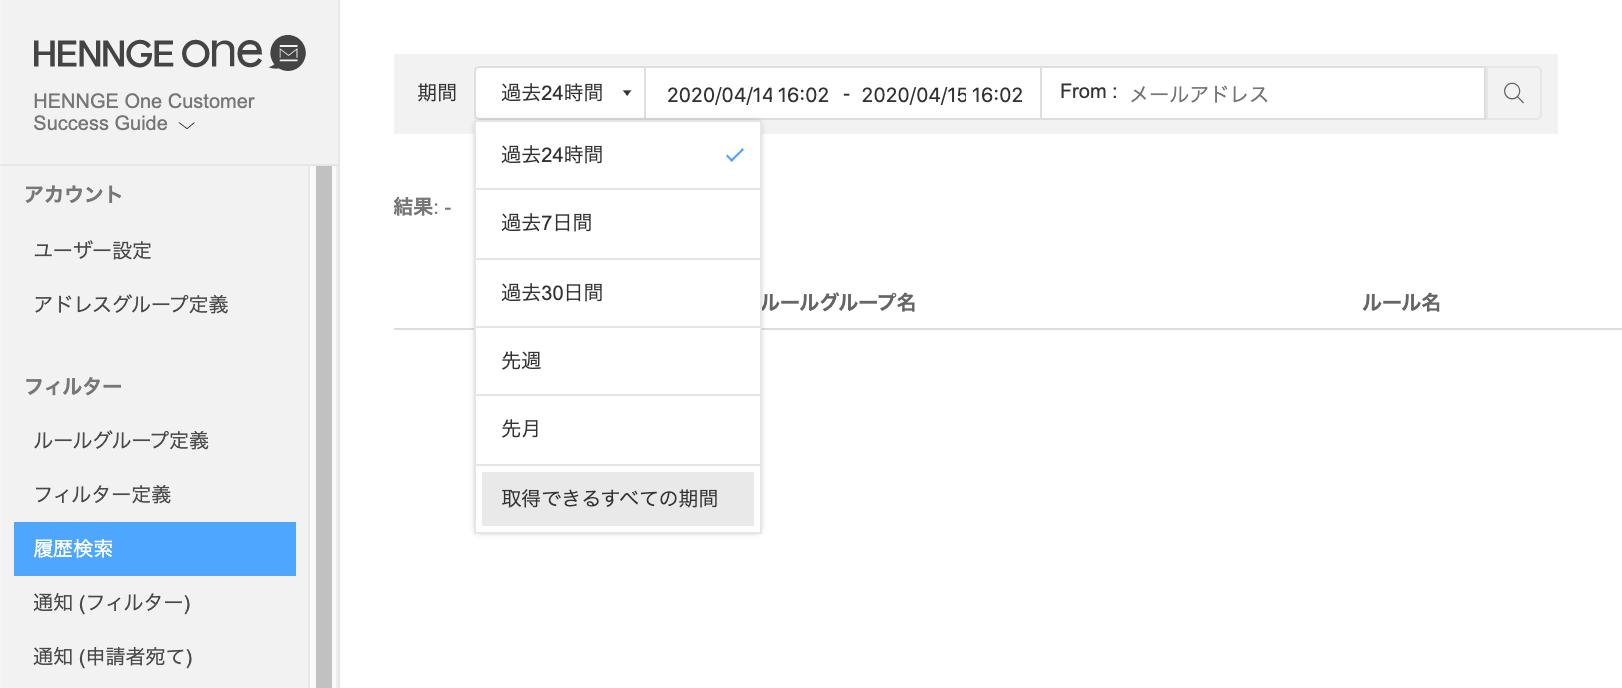 20200415release_JP_1.png